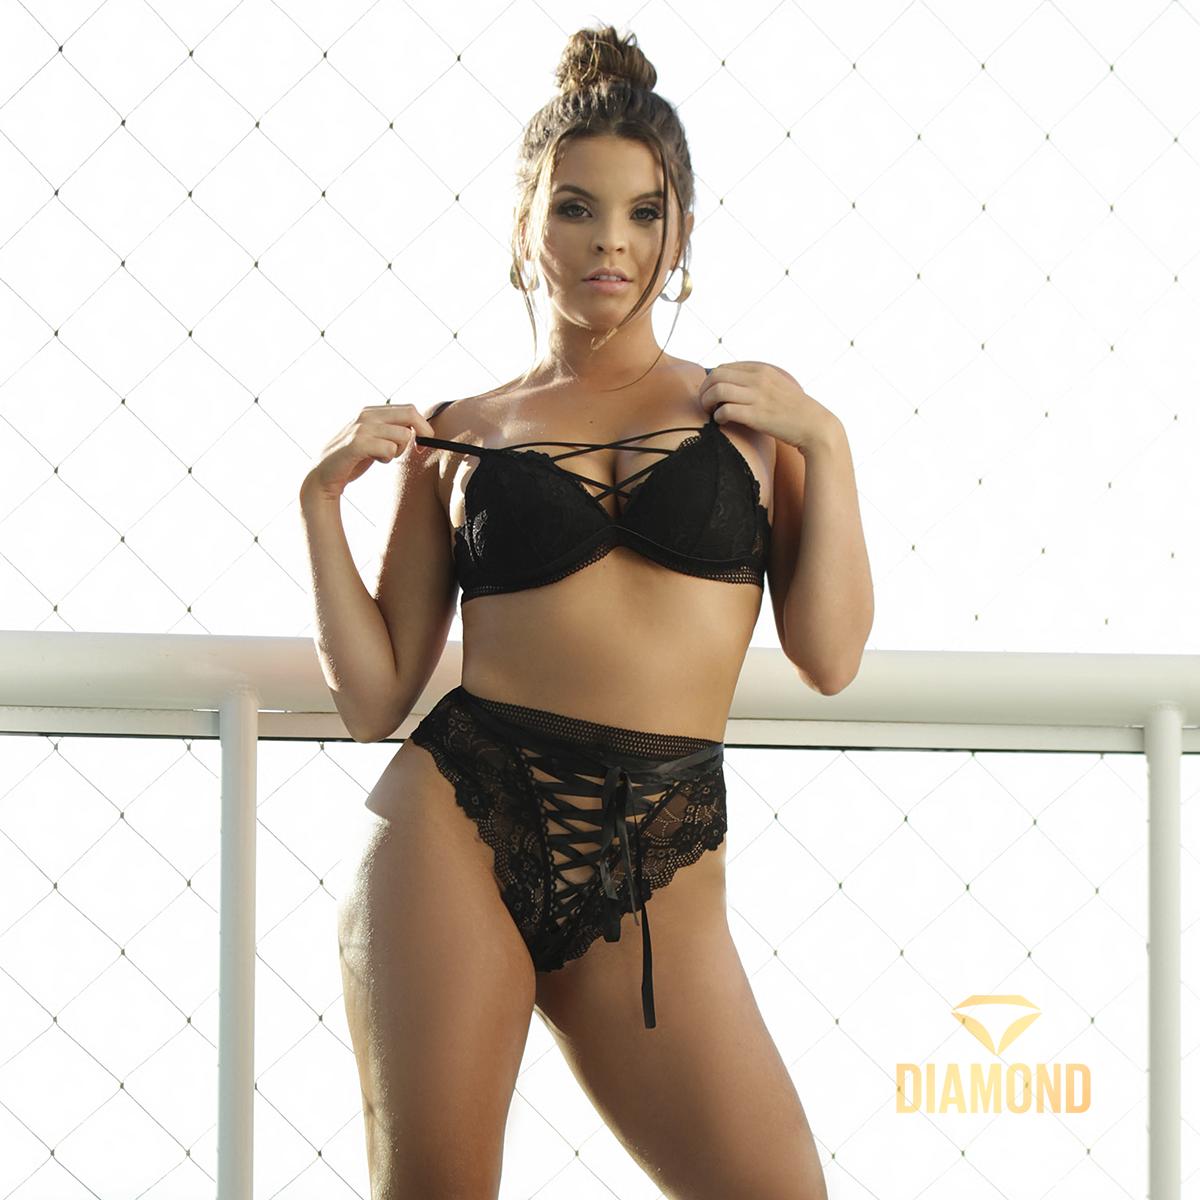 Diamond Brazil | Laionara Sampietro